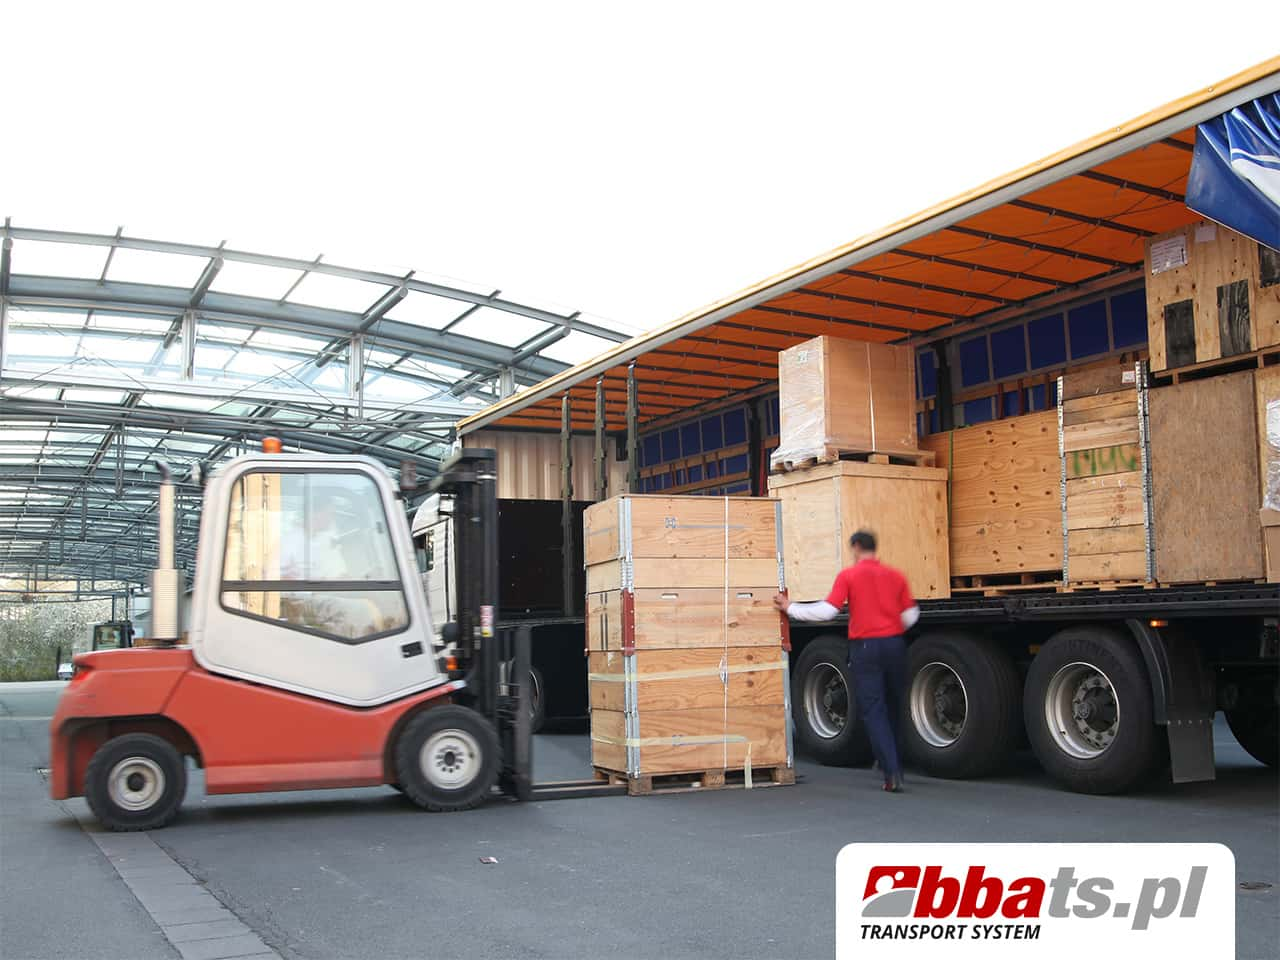 Transport Drobnicowy z BBA Transport System